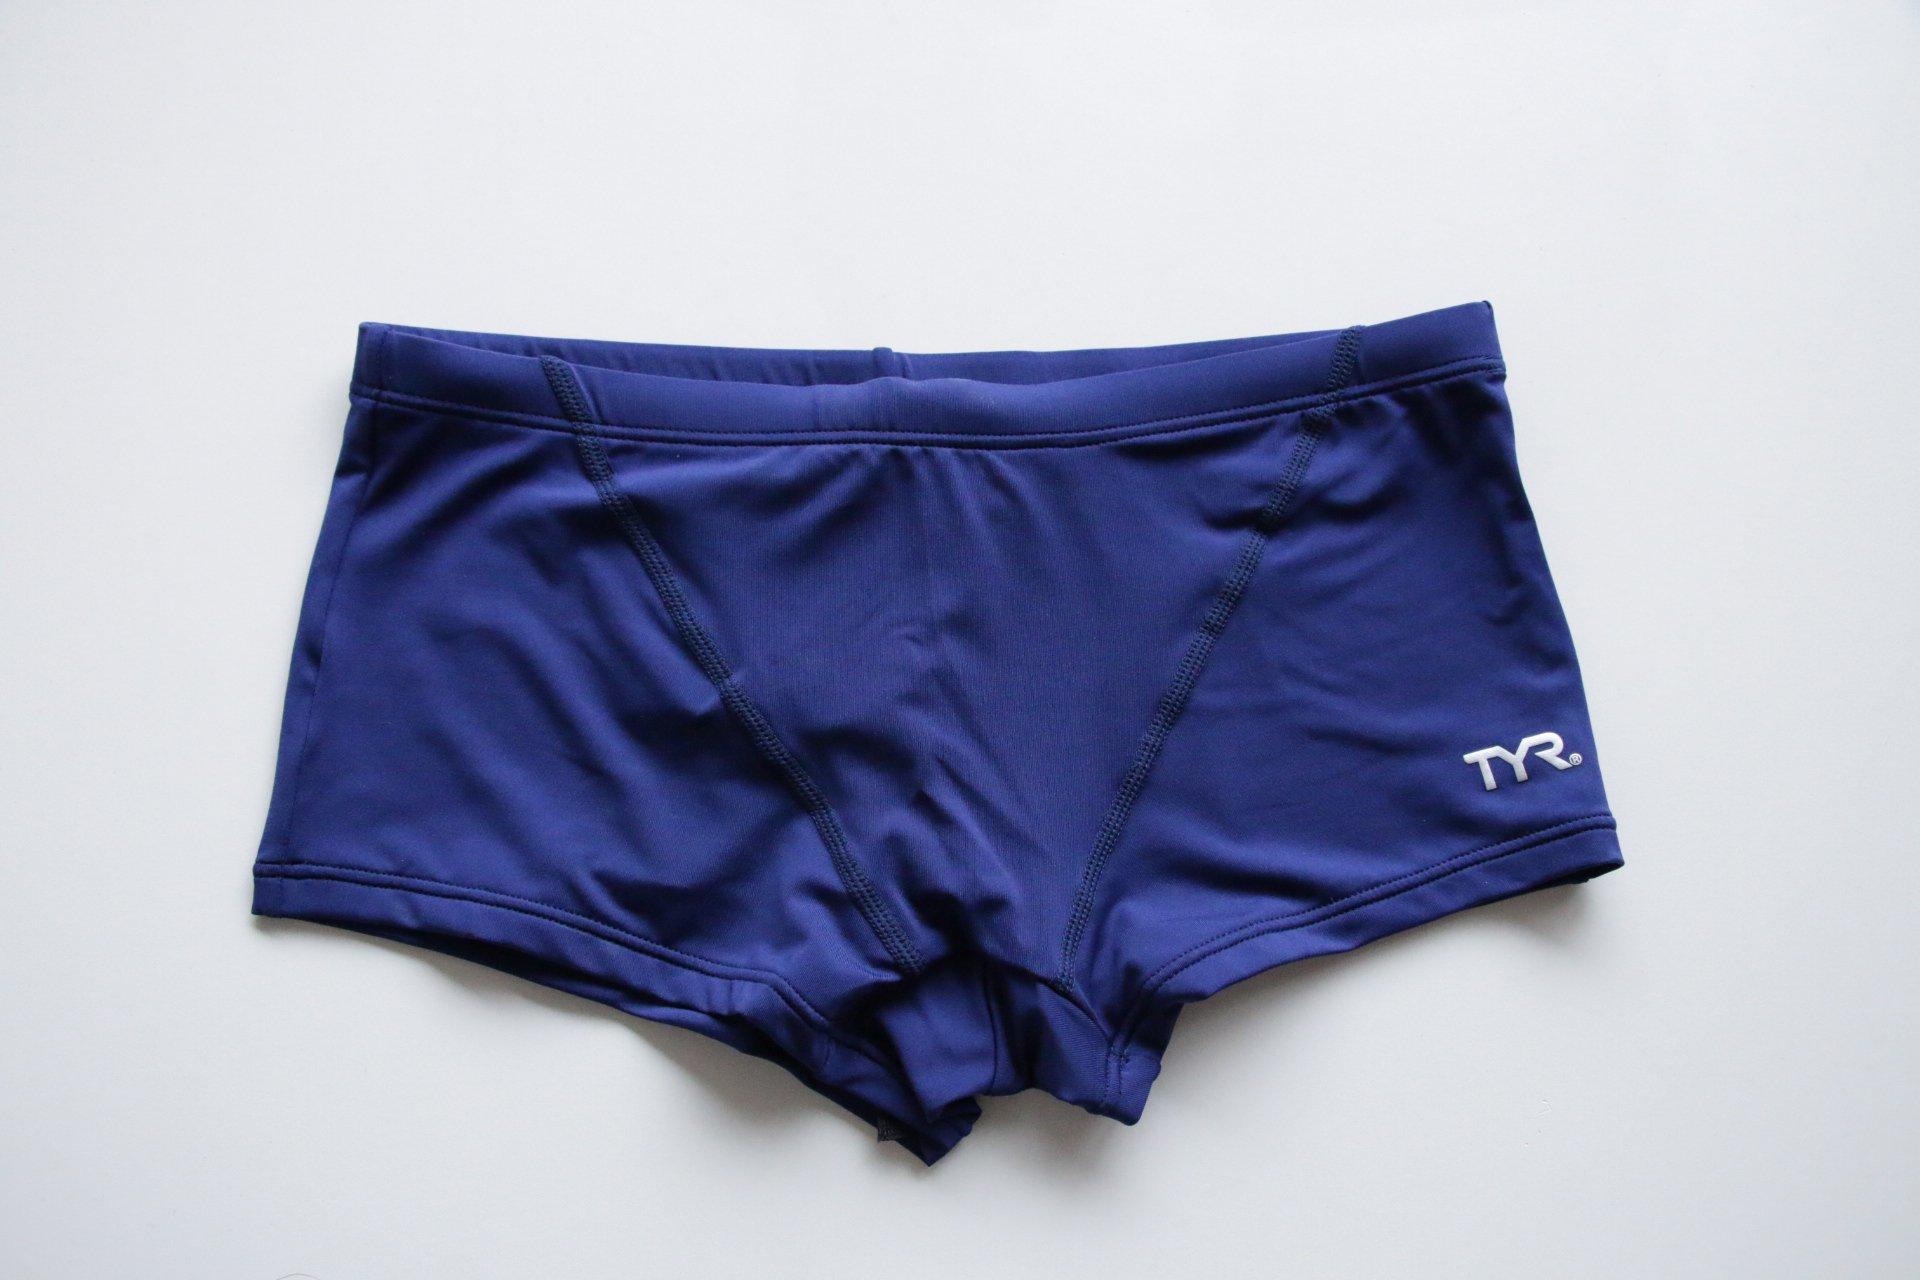 Tyr Men's Swimwear Short boxer Durafast Lite